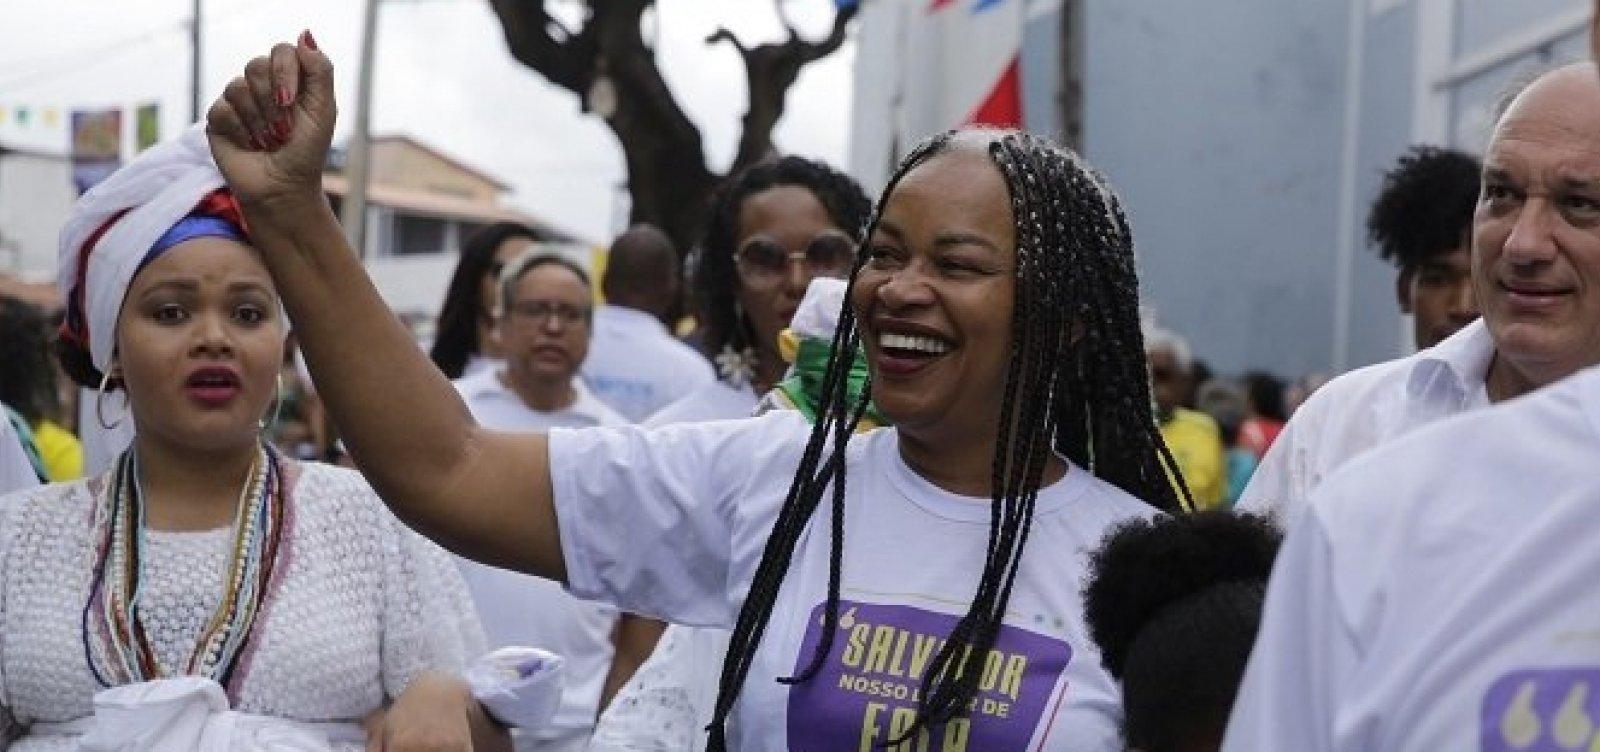 Olívia Santana é anunciada como pré-candidata do PCdoB à prefeitura de Salvador